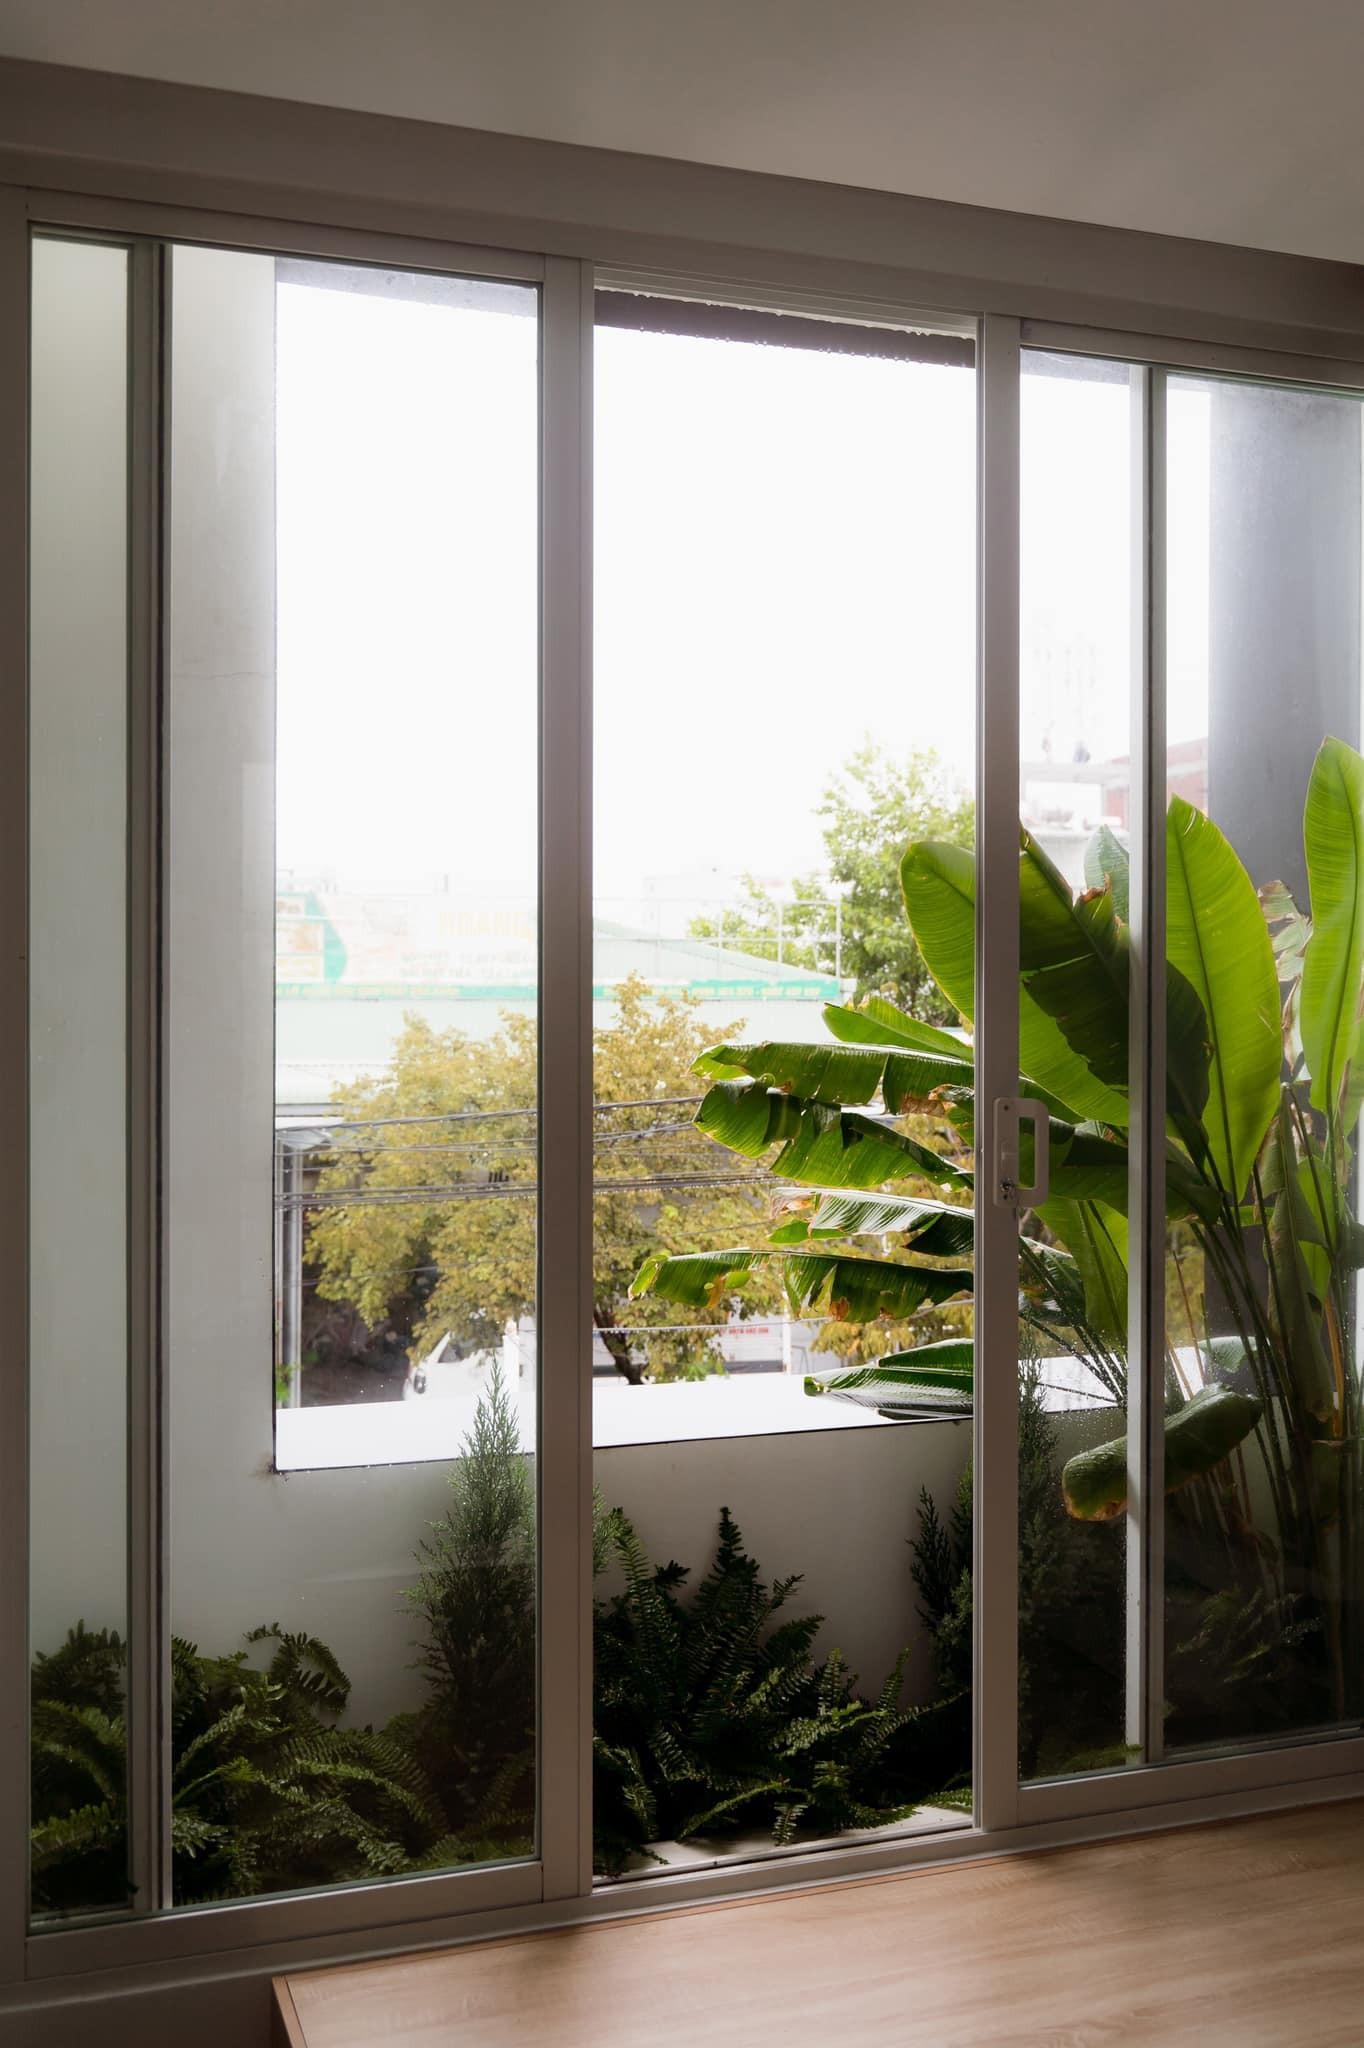 Ngôi nhà ánh sáng tràn vào vào từ 4 hướng, đứng nấu cơm cảm nhận gió vi vu thổi